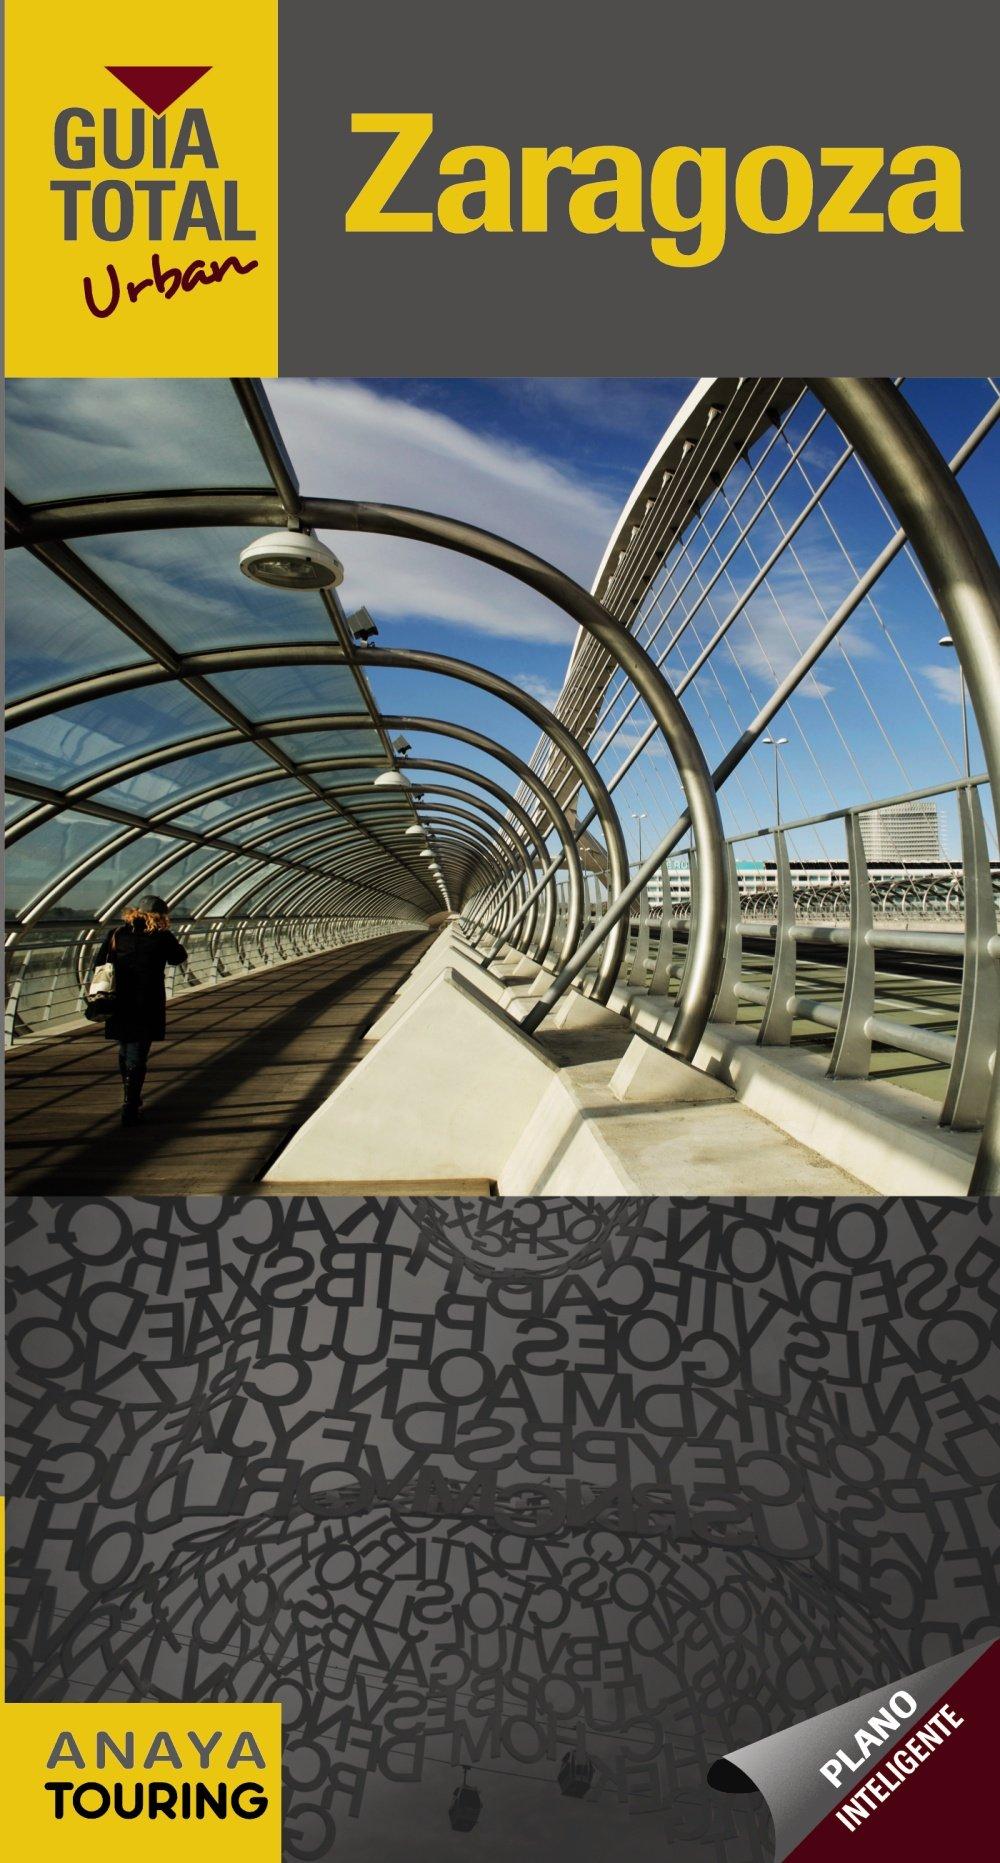 Zaragoza (Urban) (Guía Total - Urban - España): Amazon.es: Izquierdo, Pascual: Libros